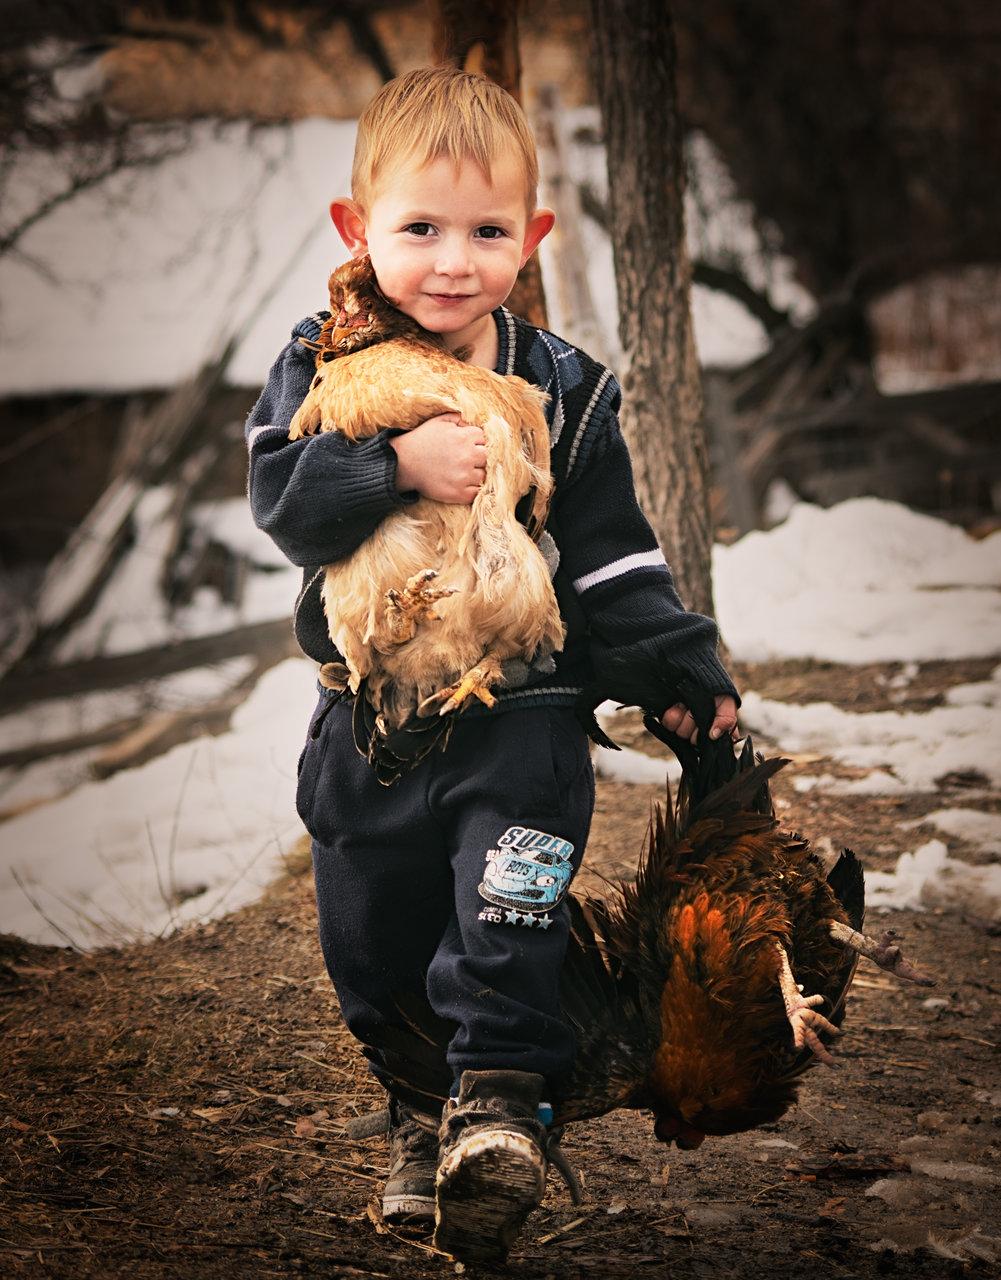 Просто Сабри | Author Nadezhda Raycheva - sunnyhope | PHOTO FORUM